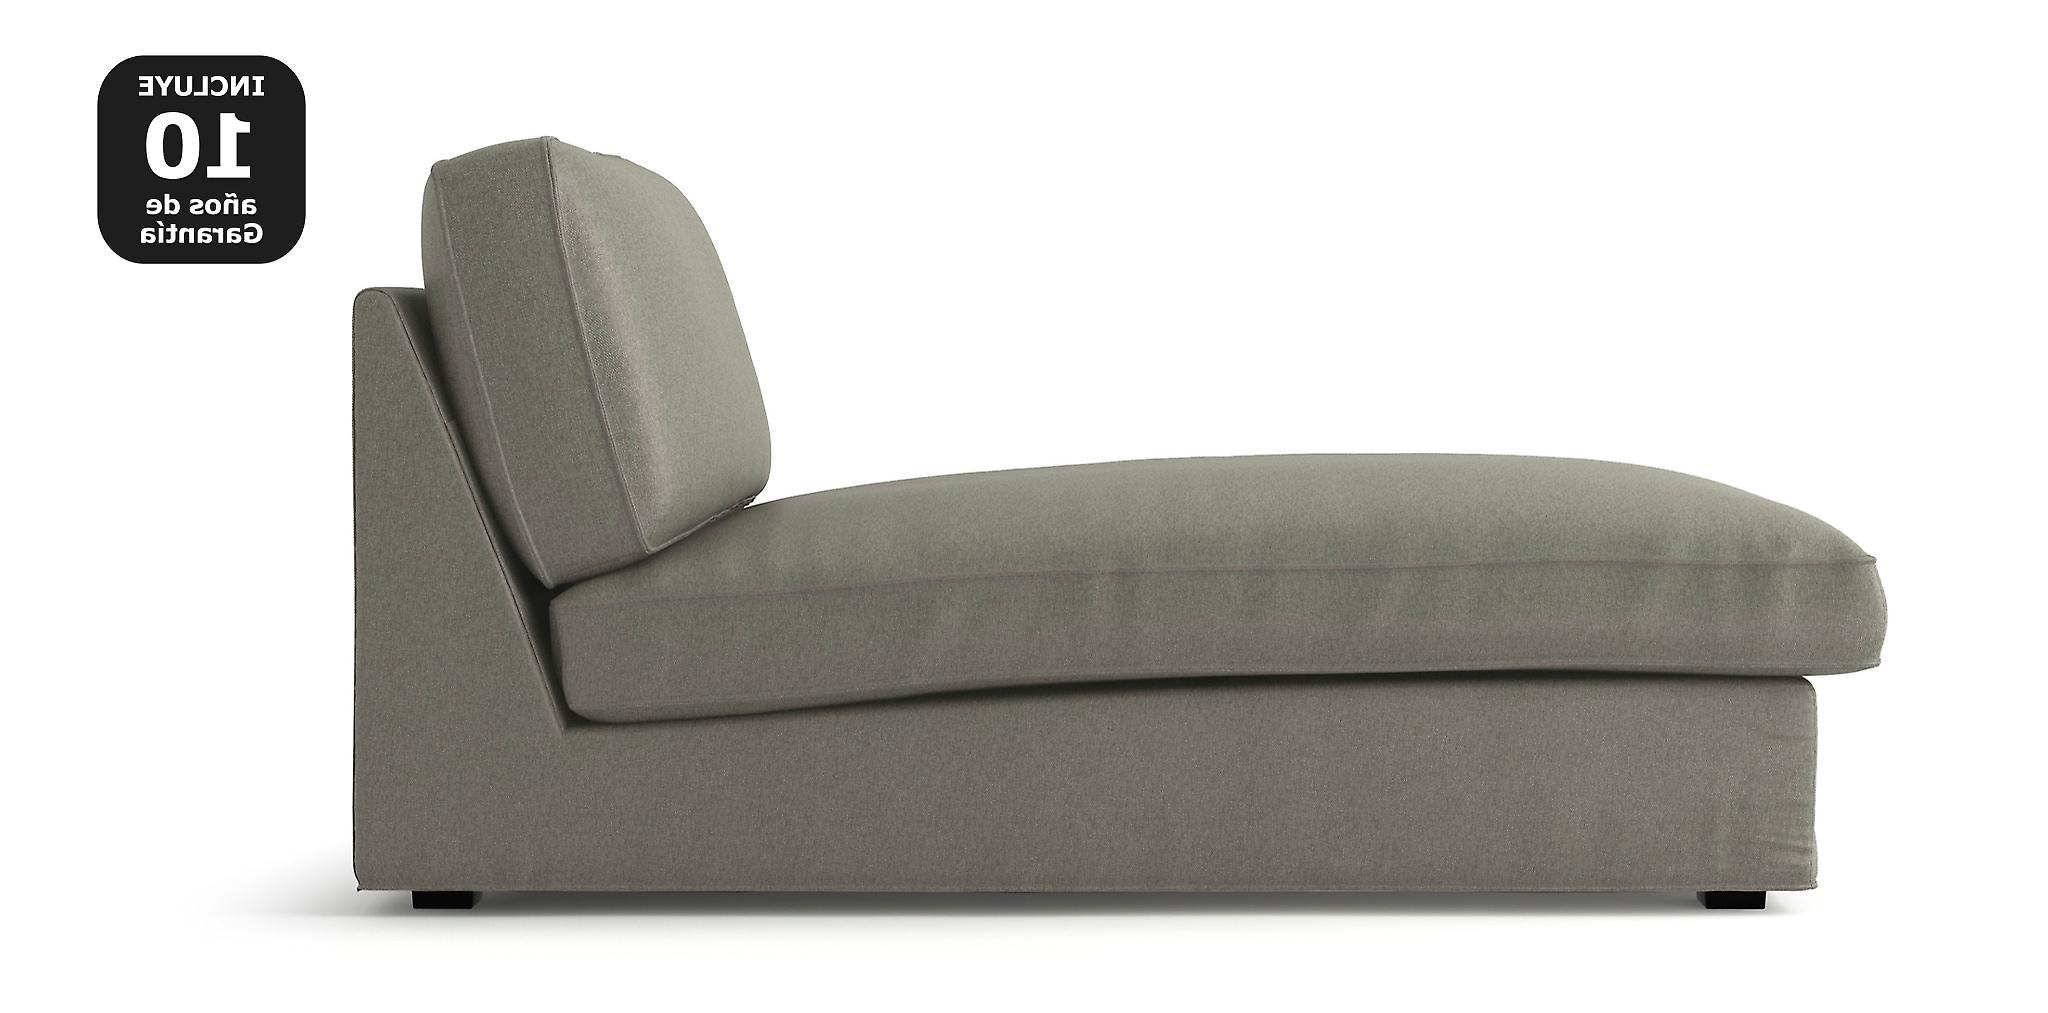 Sofa Tantra Ikea J7do Chaiselongues Pra Online Ikea